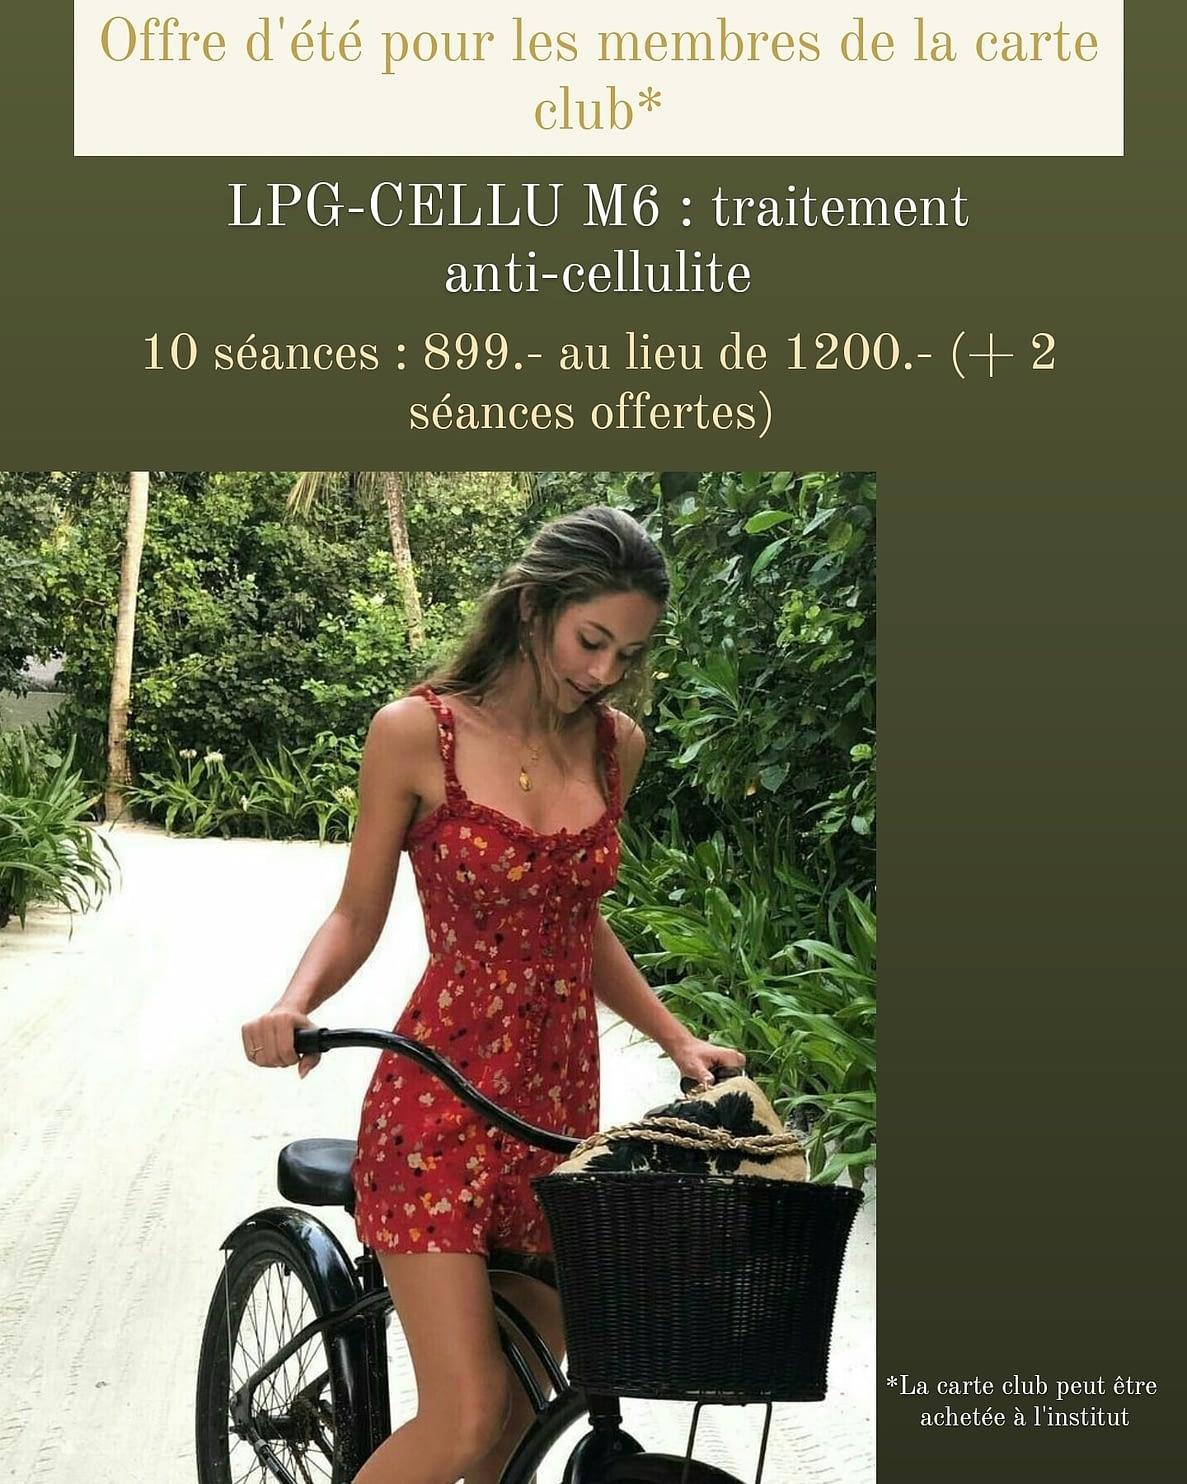 LPG cellulite treatment Lausanne